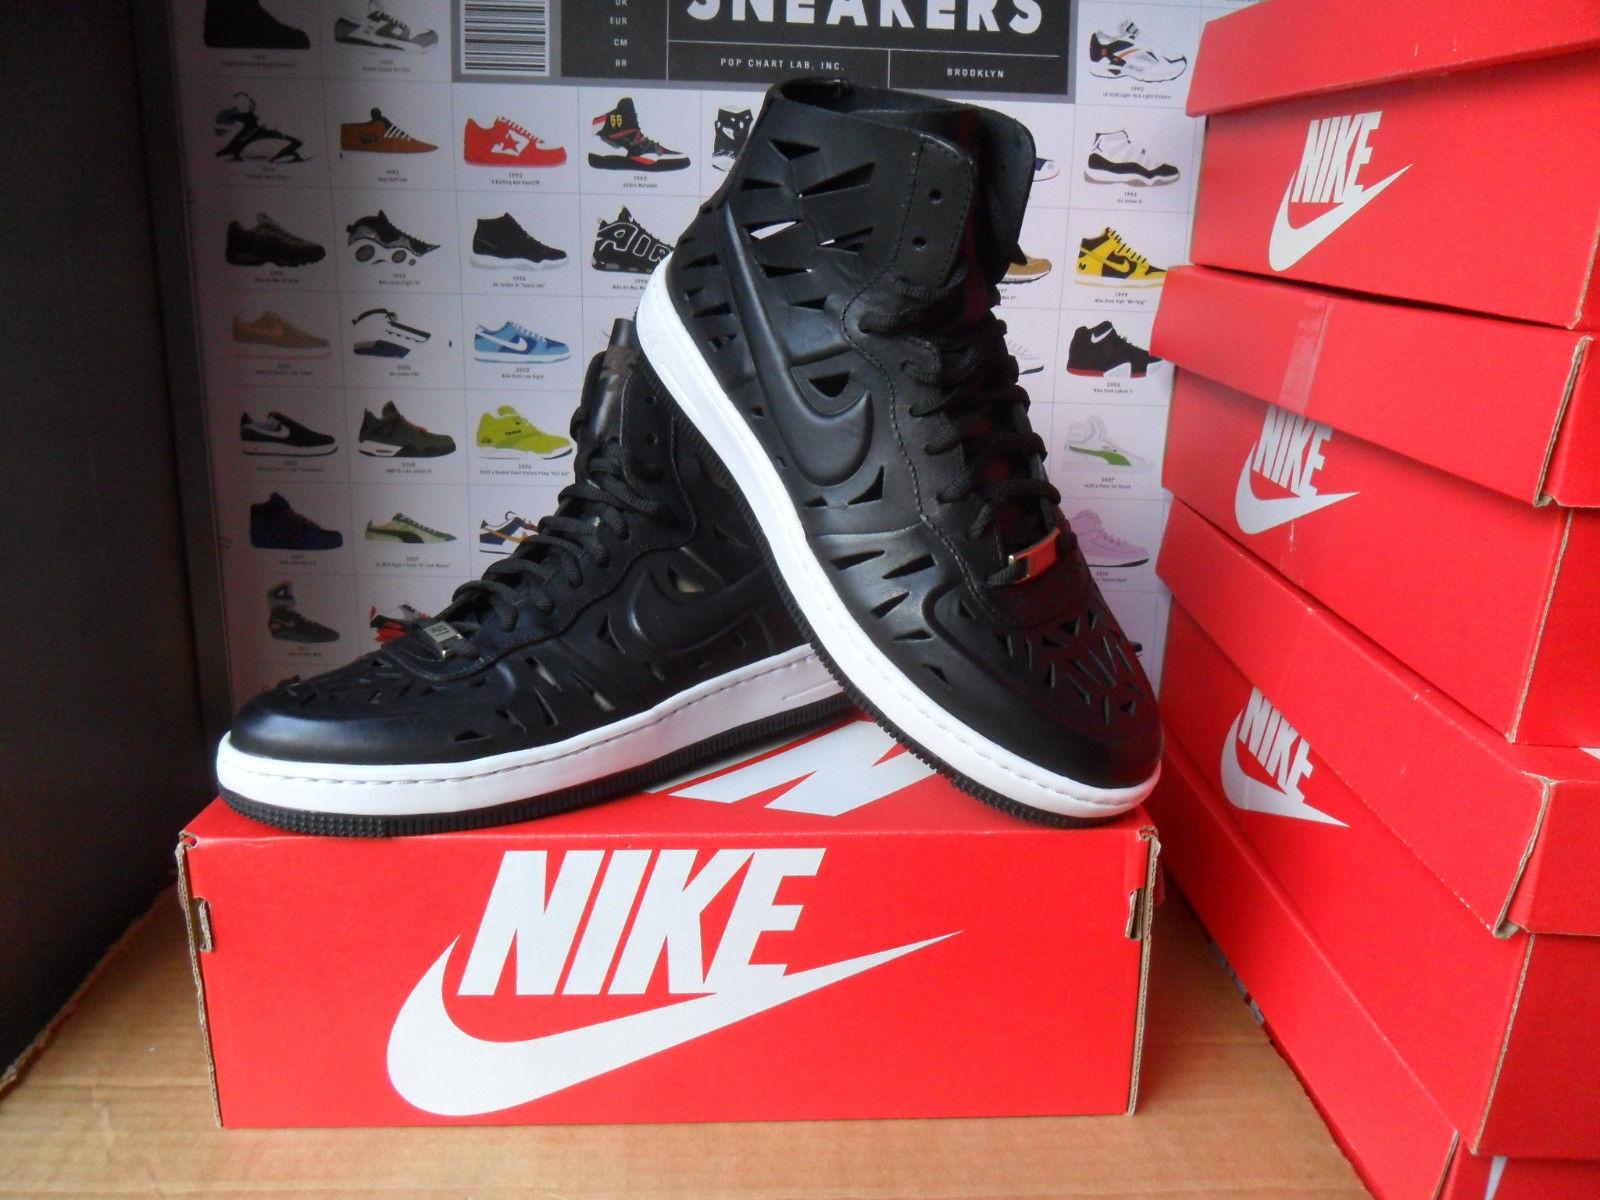 Nike da donna  air force force force 1 joli  formatori neri di dimensioni nuove | Garanzia di qualità e quantità  | Maschio/Ragazze Scarpa  9144af